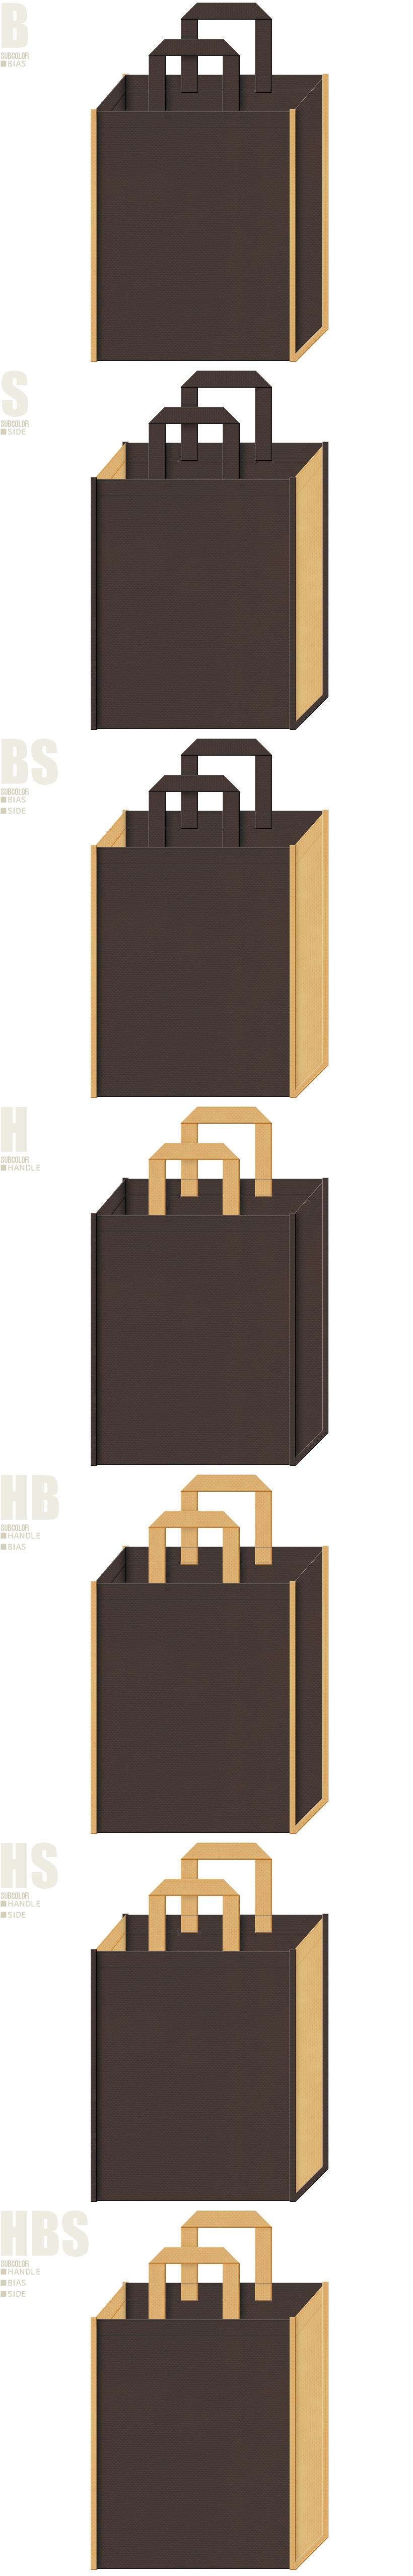 ベーカリー・カフェ・手芸・ハウジング・木製食器・木製インテリアの展示会用バッグにお奨めの不織布バッグデザイン:こげ茶色と薄黄土色の不織布バッグ配色7パターン。